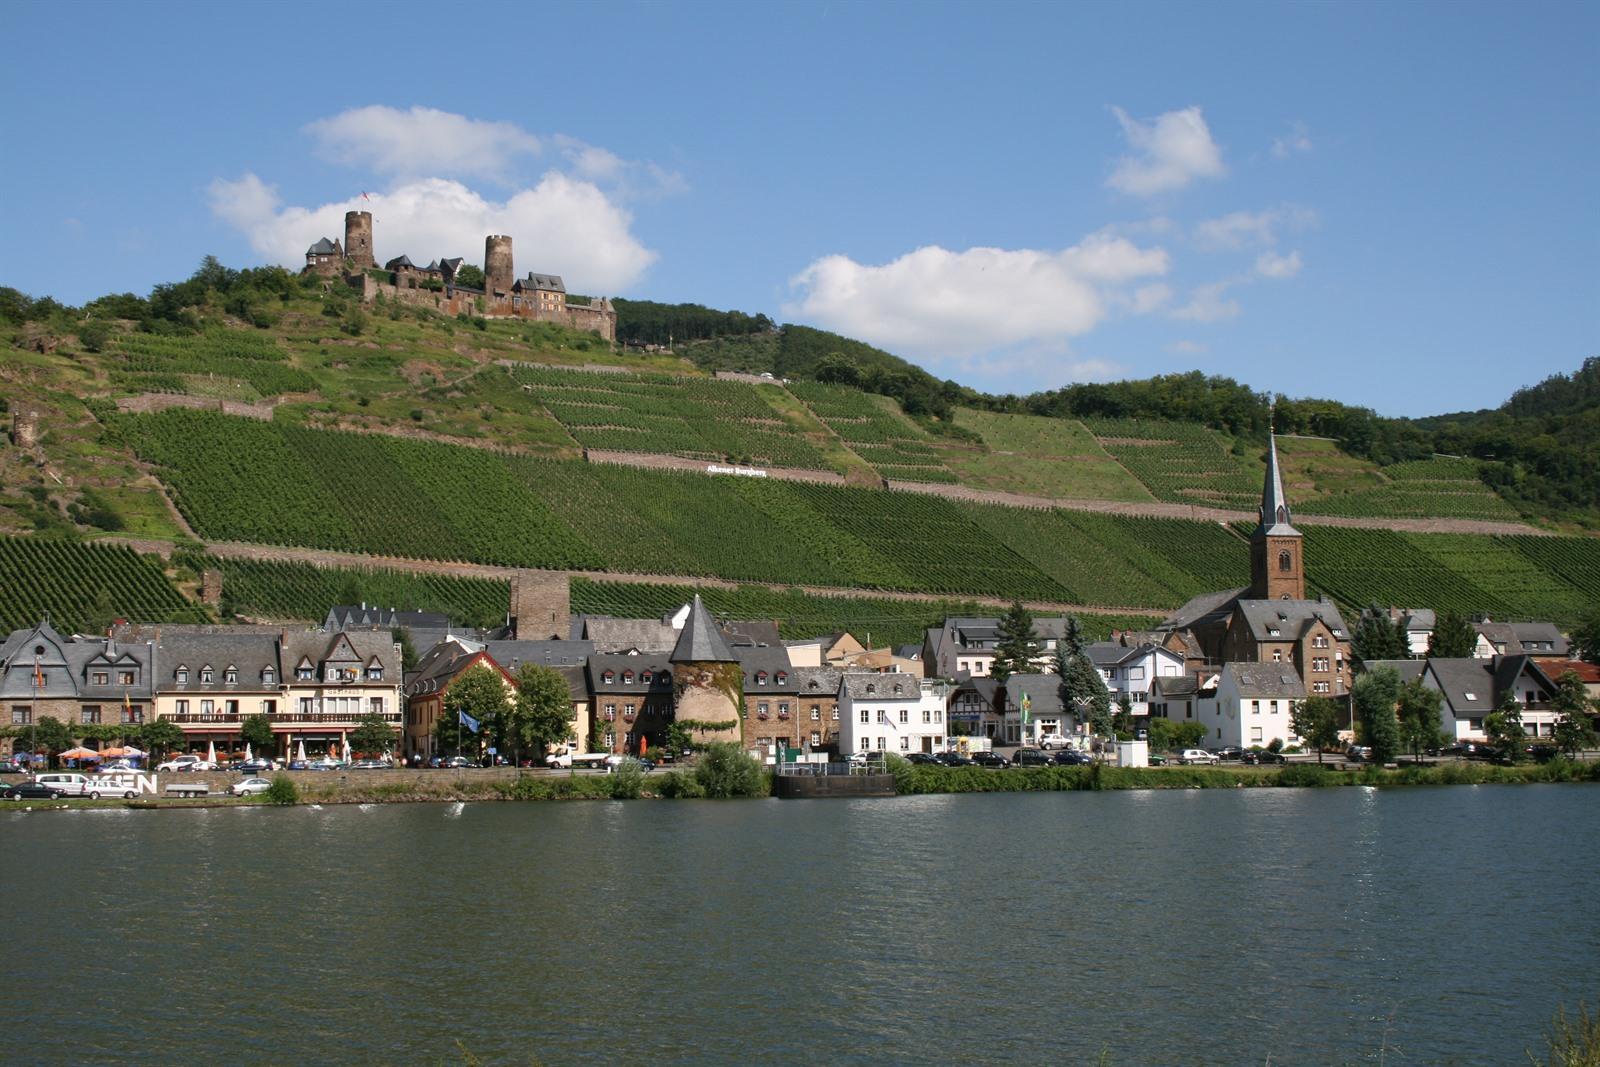 Cochem Bezoeken Ontdek Dé Moezel Wijnstad En Reichsburg Burcht